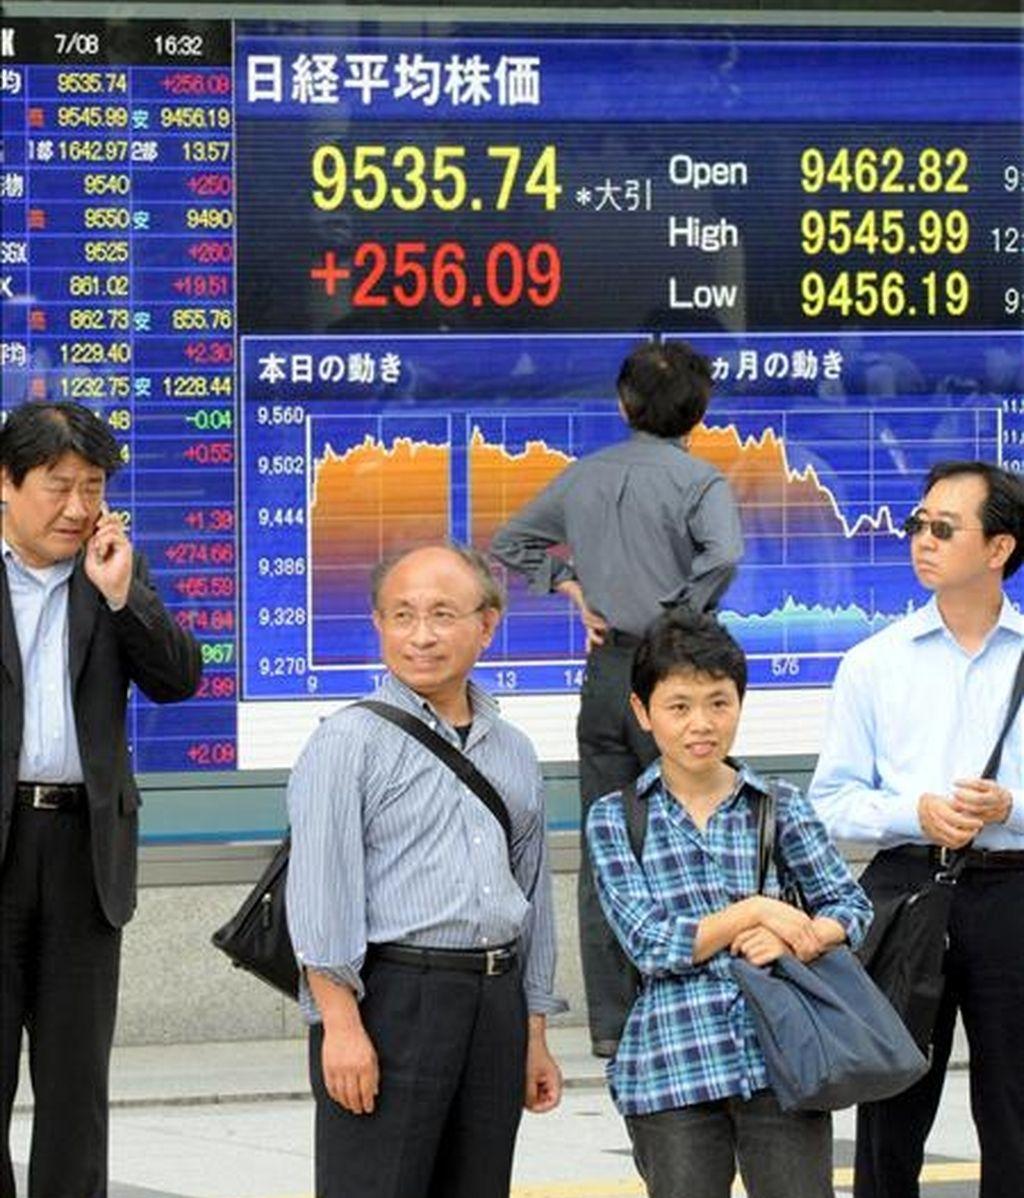 Varios japoneses pasan ante una pantalla en la que aparece el índice Nikkei, en el centro de Tokio (Japón). EFE/Archivo